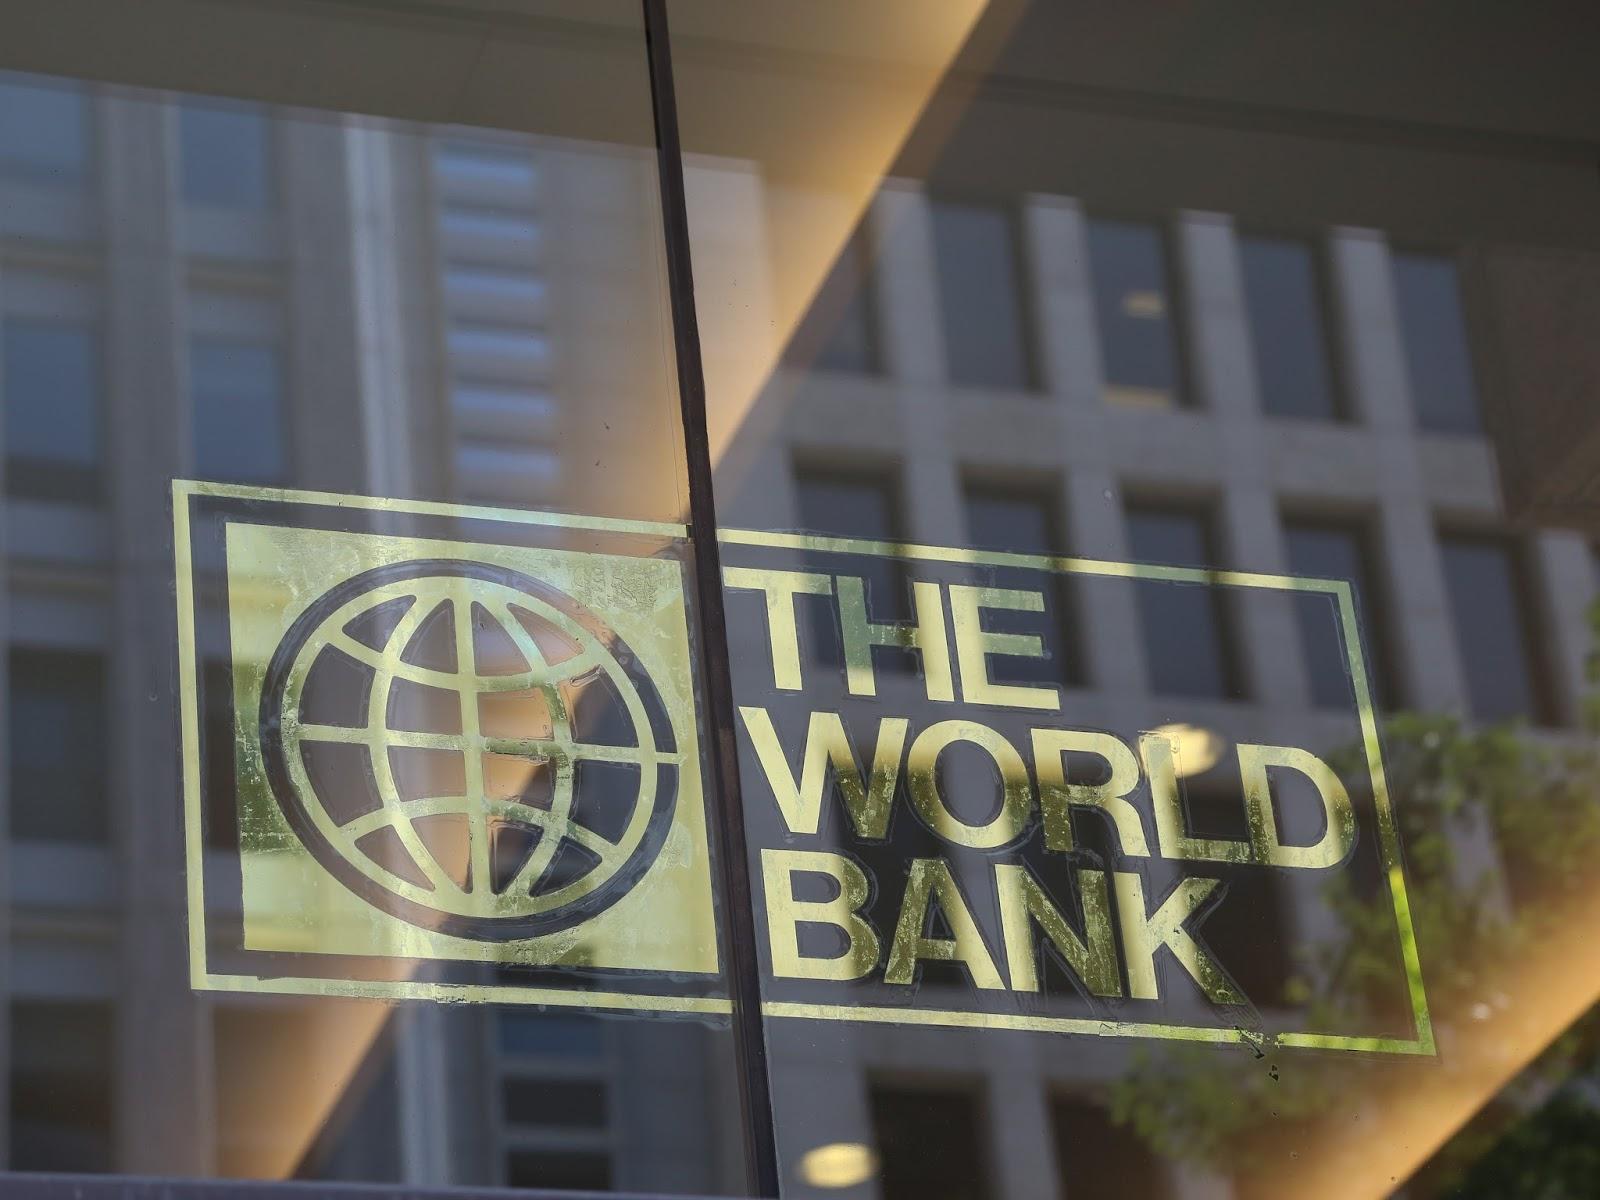 Αύξηση της οικονομίας της Βουλγαρίας κατά 3% το 2020 προβλέπει η Παγκόσμια Τράπεζα